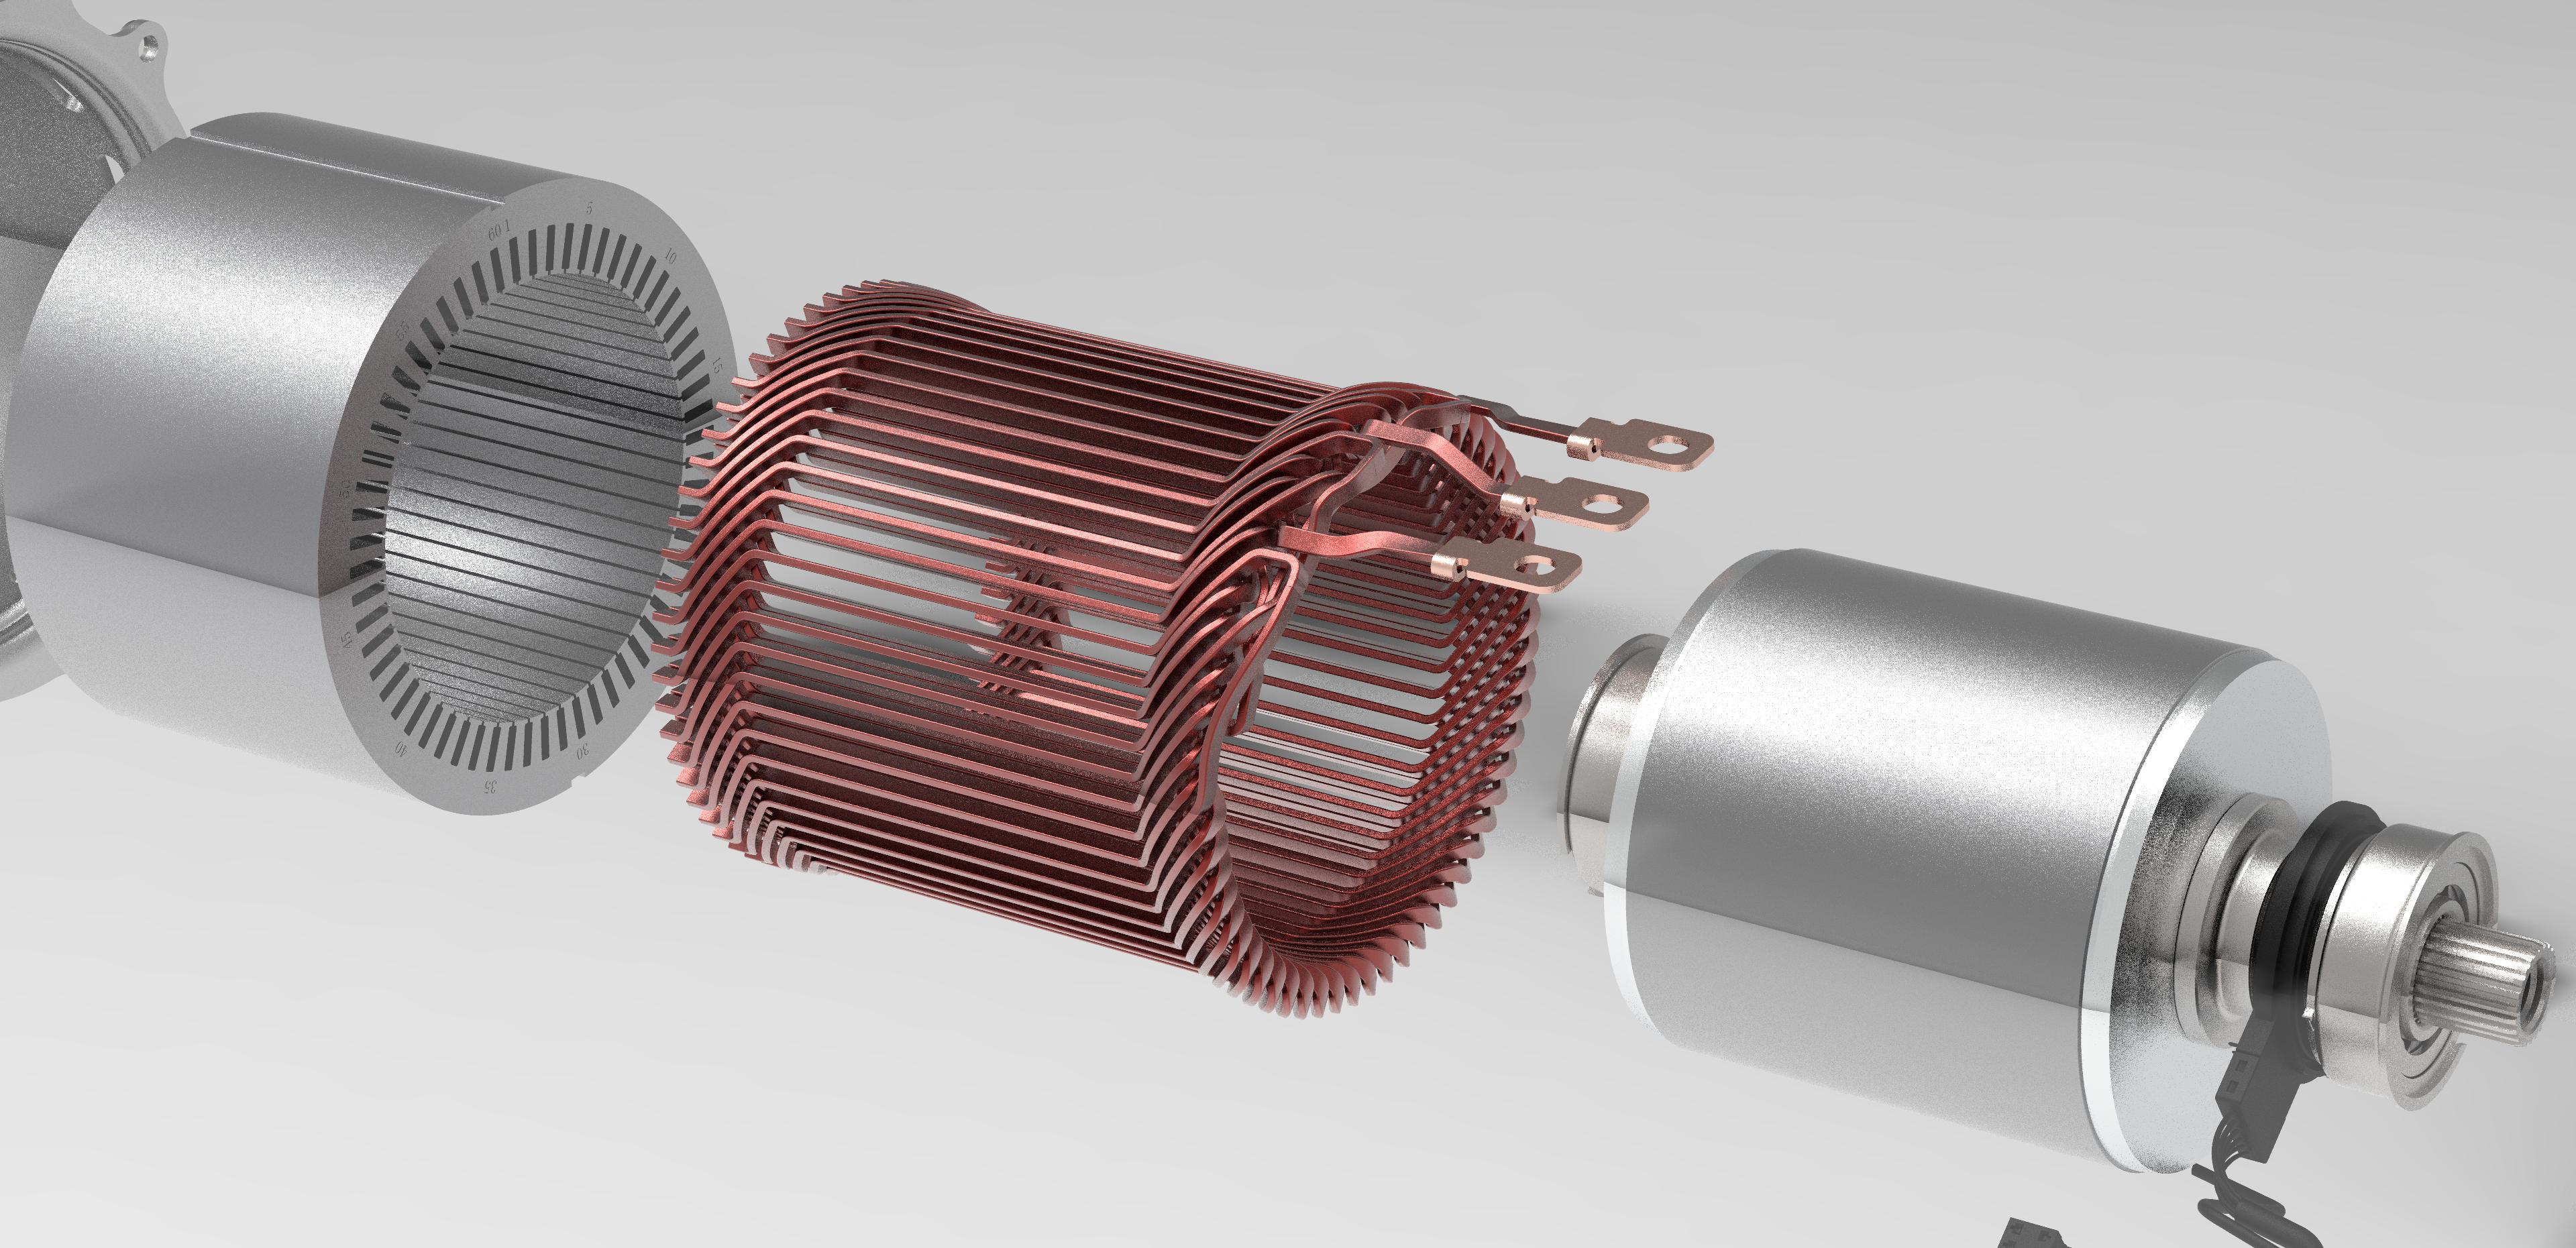 做功_Hair-pin扁线电机和数据的可视化 - 知乎